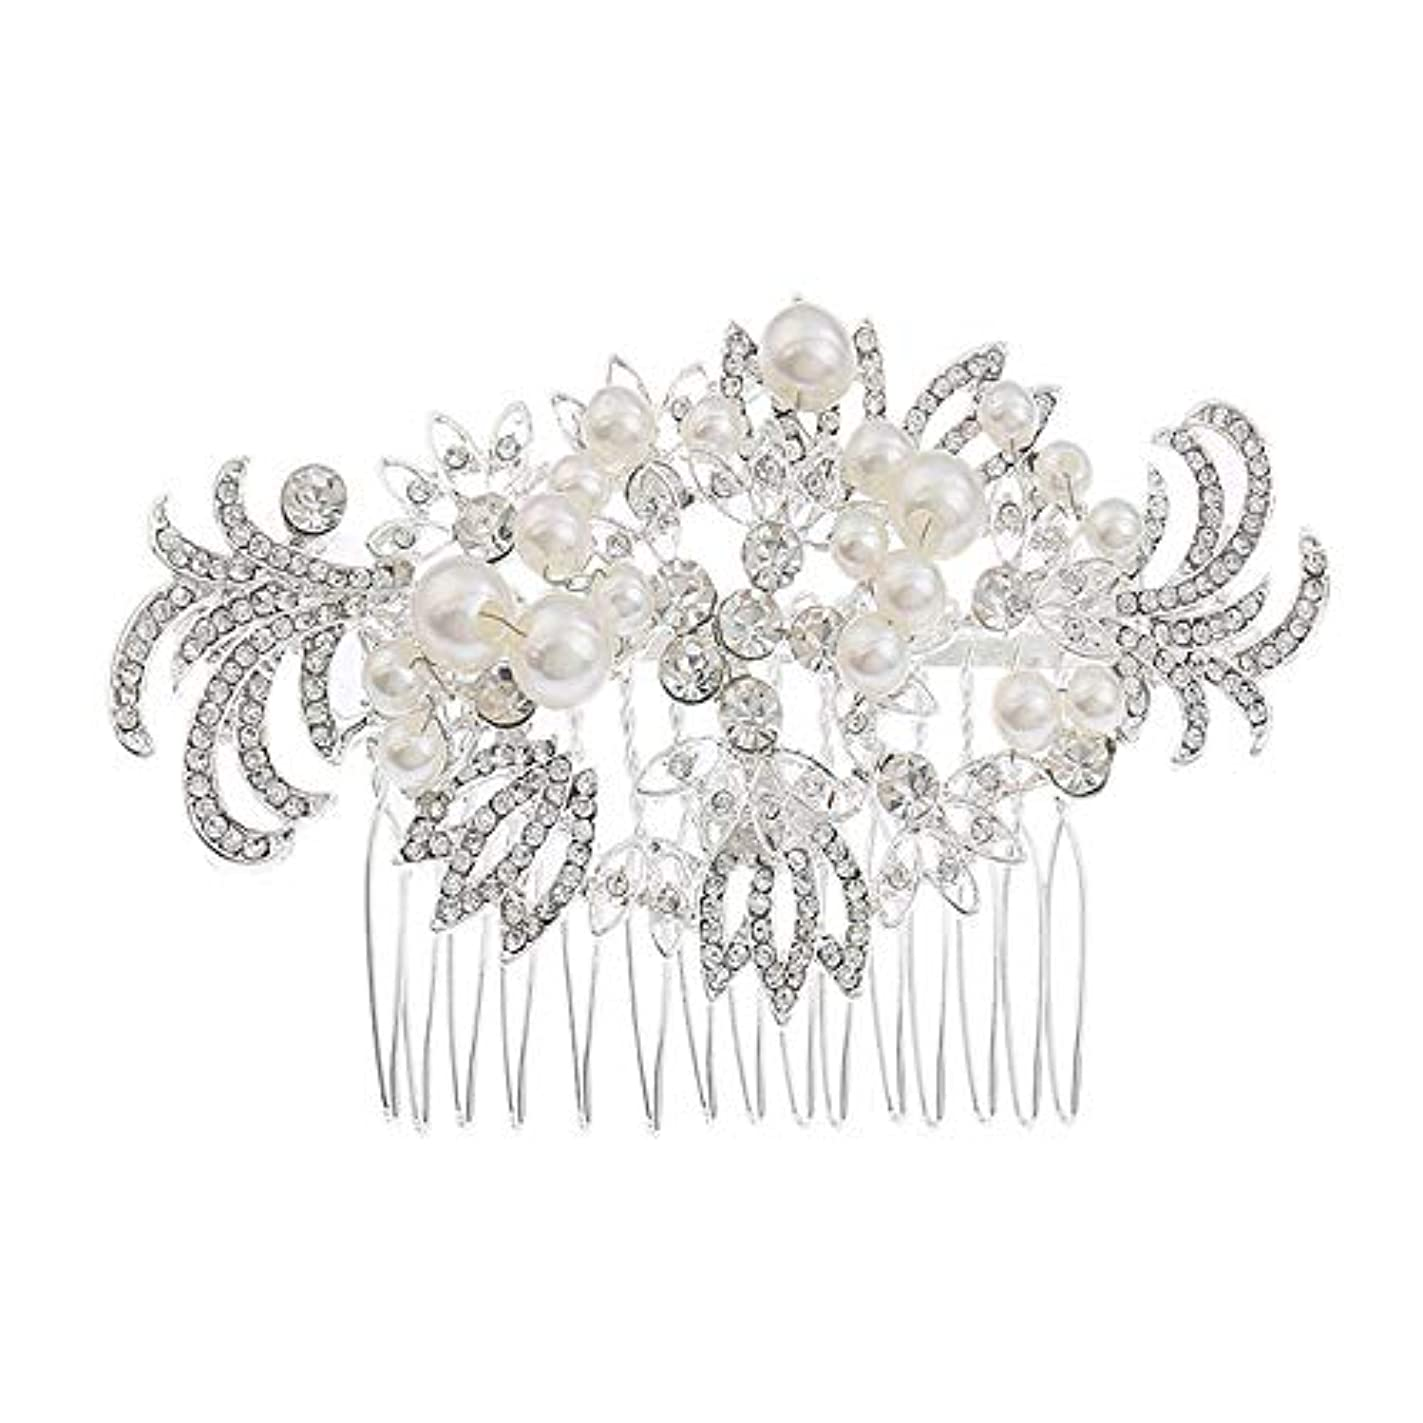 動揺させるテンション同行髪の櫛挿入櫛花嫁の髪櫛真珠の髪の櫛ラインストーンの髪の櫛結婚式のヘアアクセサリー合金の帽子ブライダルヘッドドレス